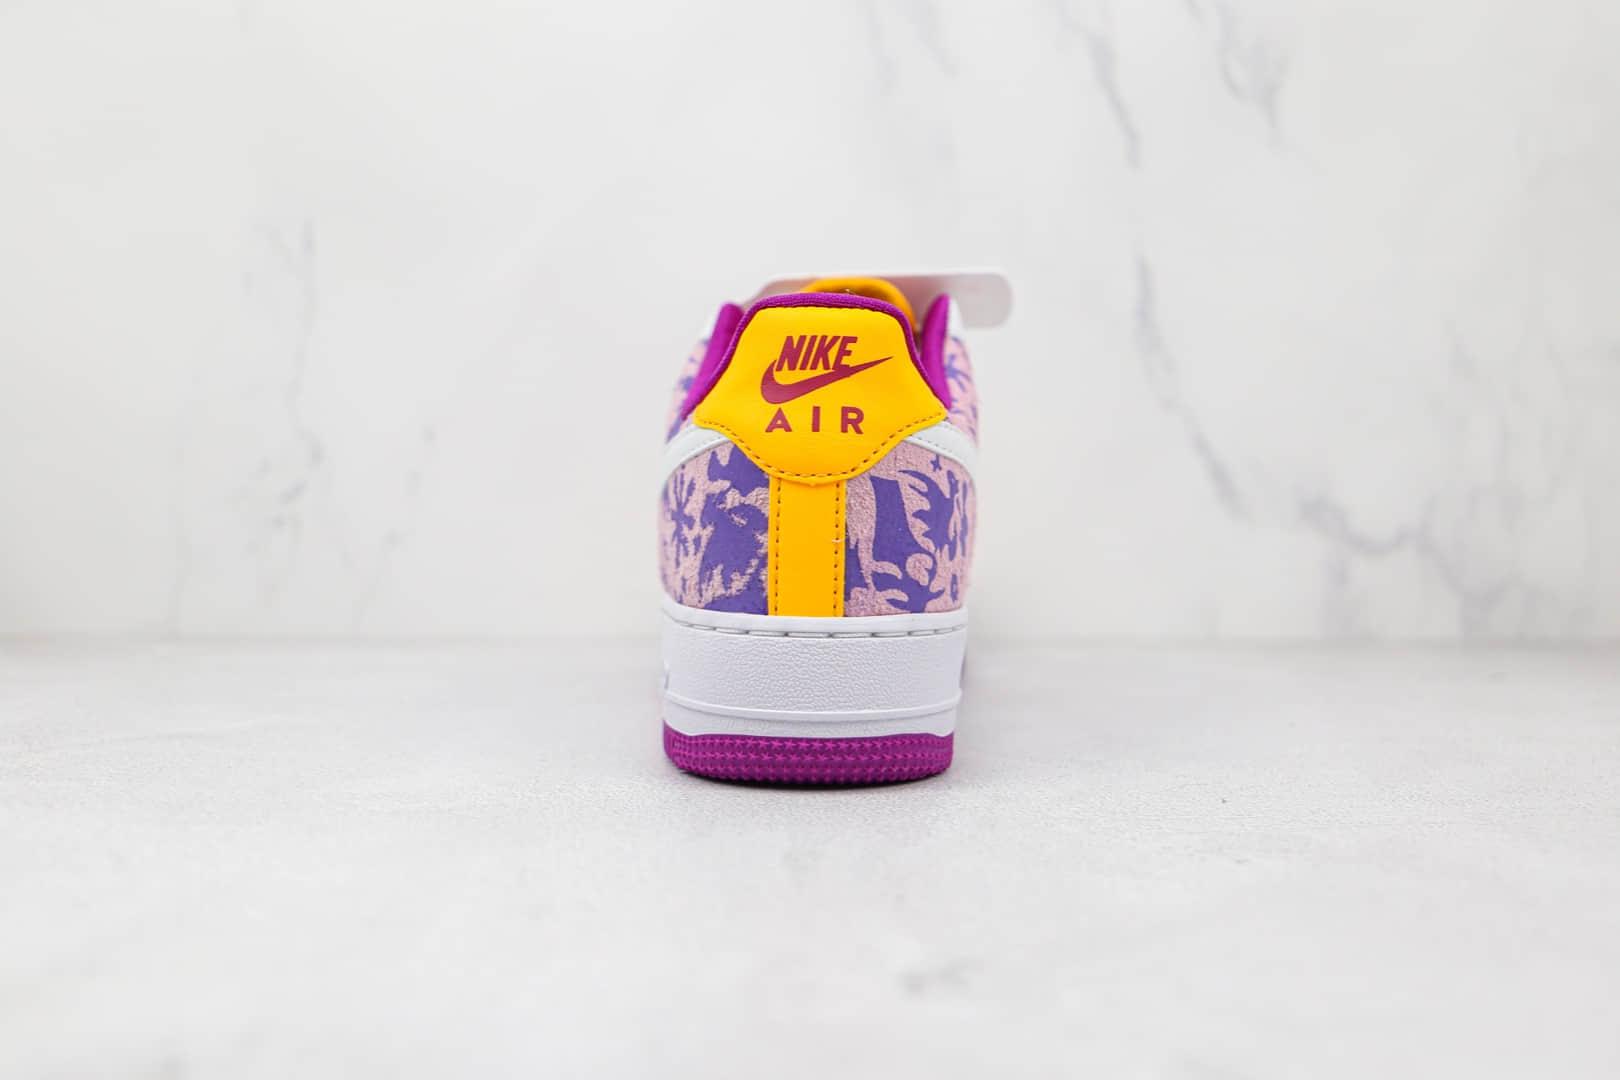 耐克Nike AIR FMRCE 1'07纯原版本低帮空军一号彩色枫叶印花白粉紫黄色板鞋原档案数据开发 货号:DD5516-584